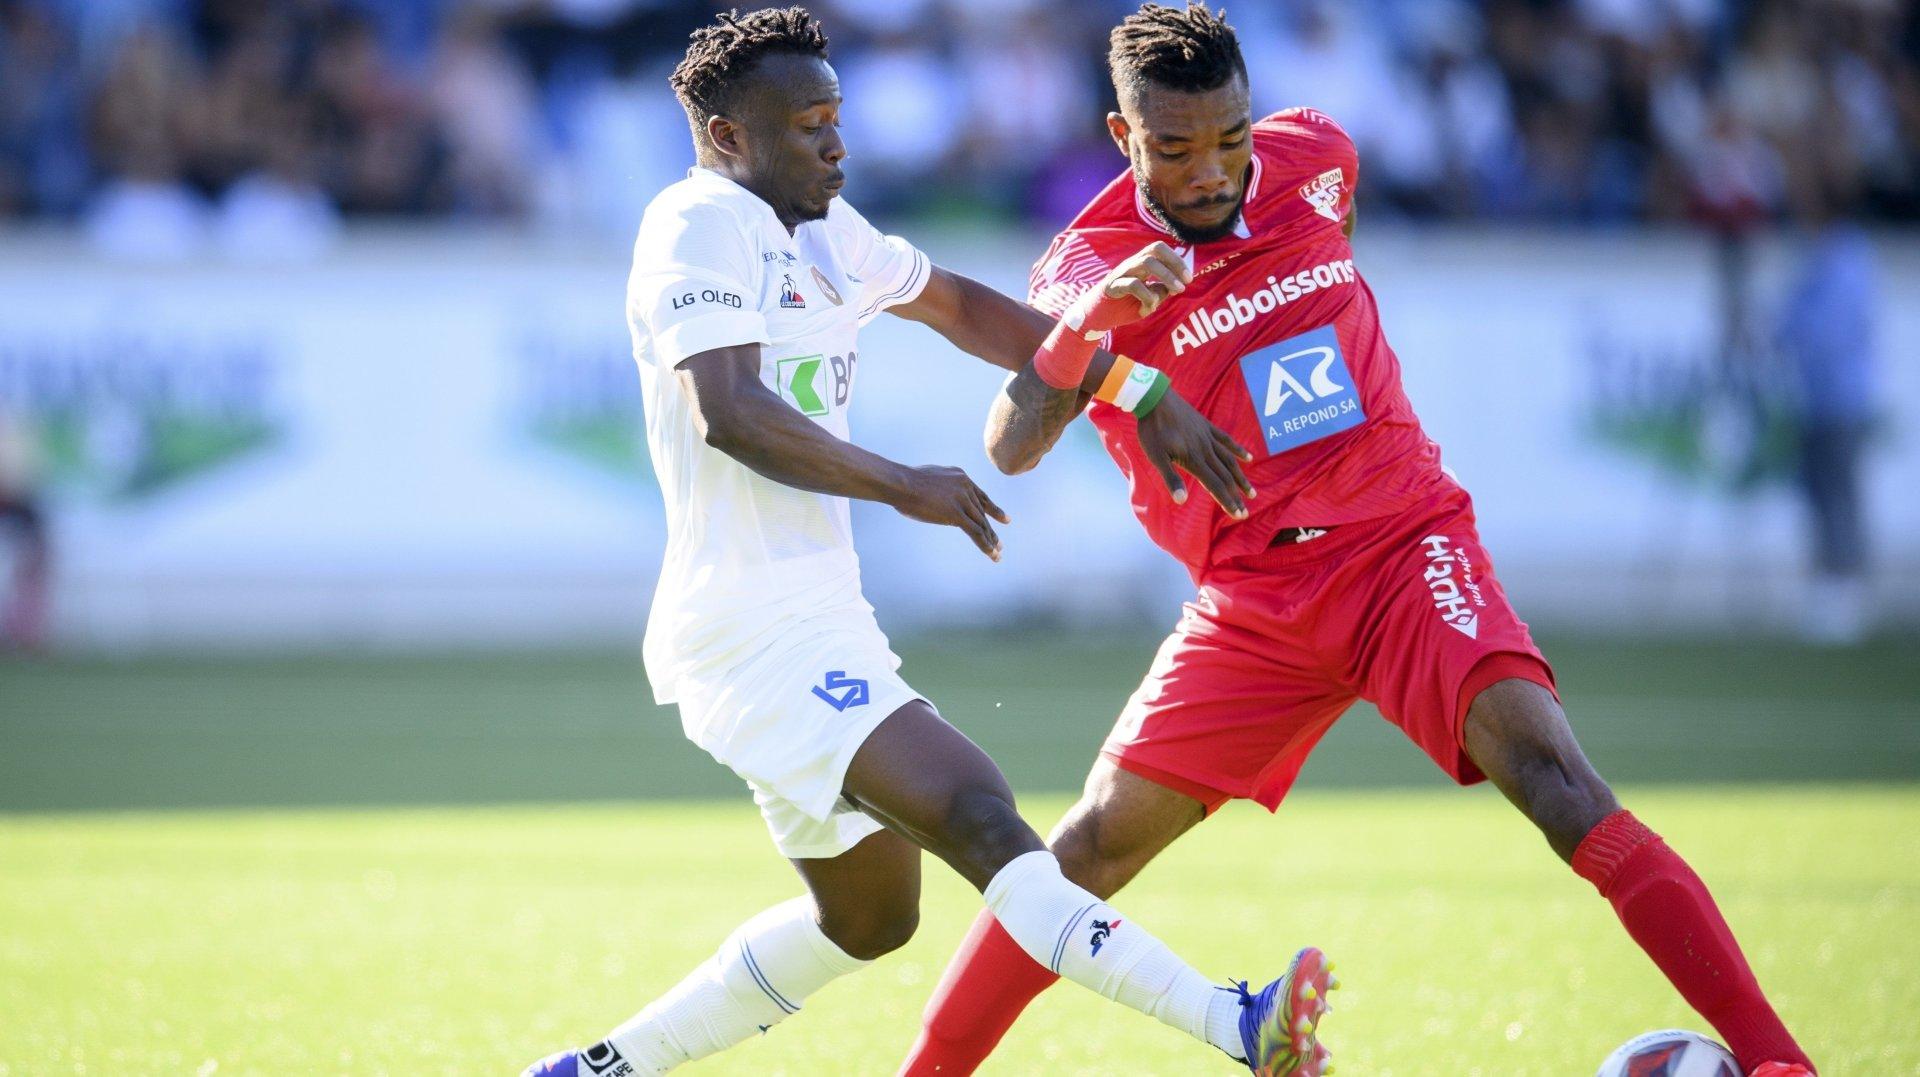 Geoffrey Serey Die tente d'échapper à l'intervention de Thomas Trazié lors du match entre le FC Sion et le Lausanne-Sport.